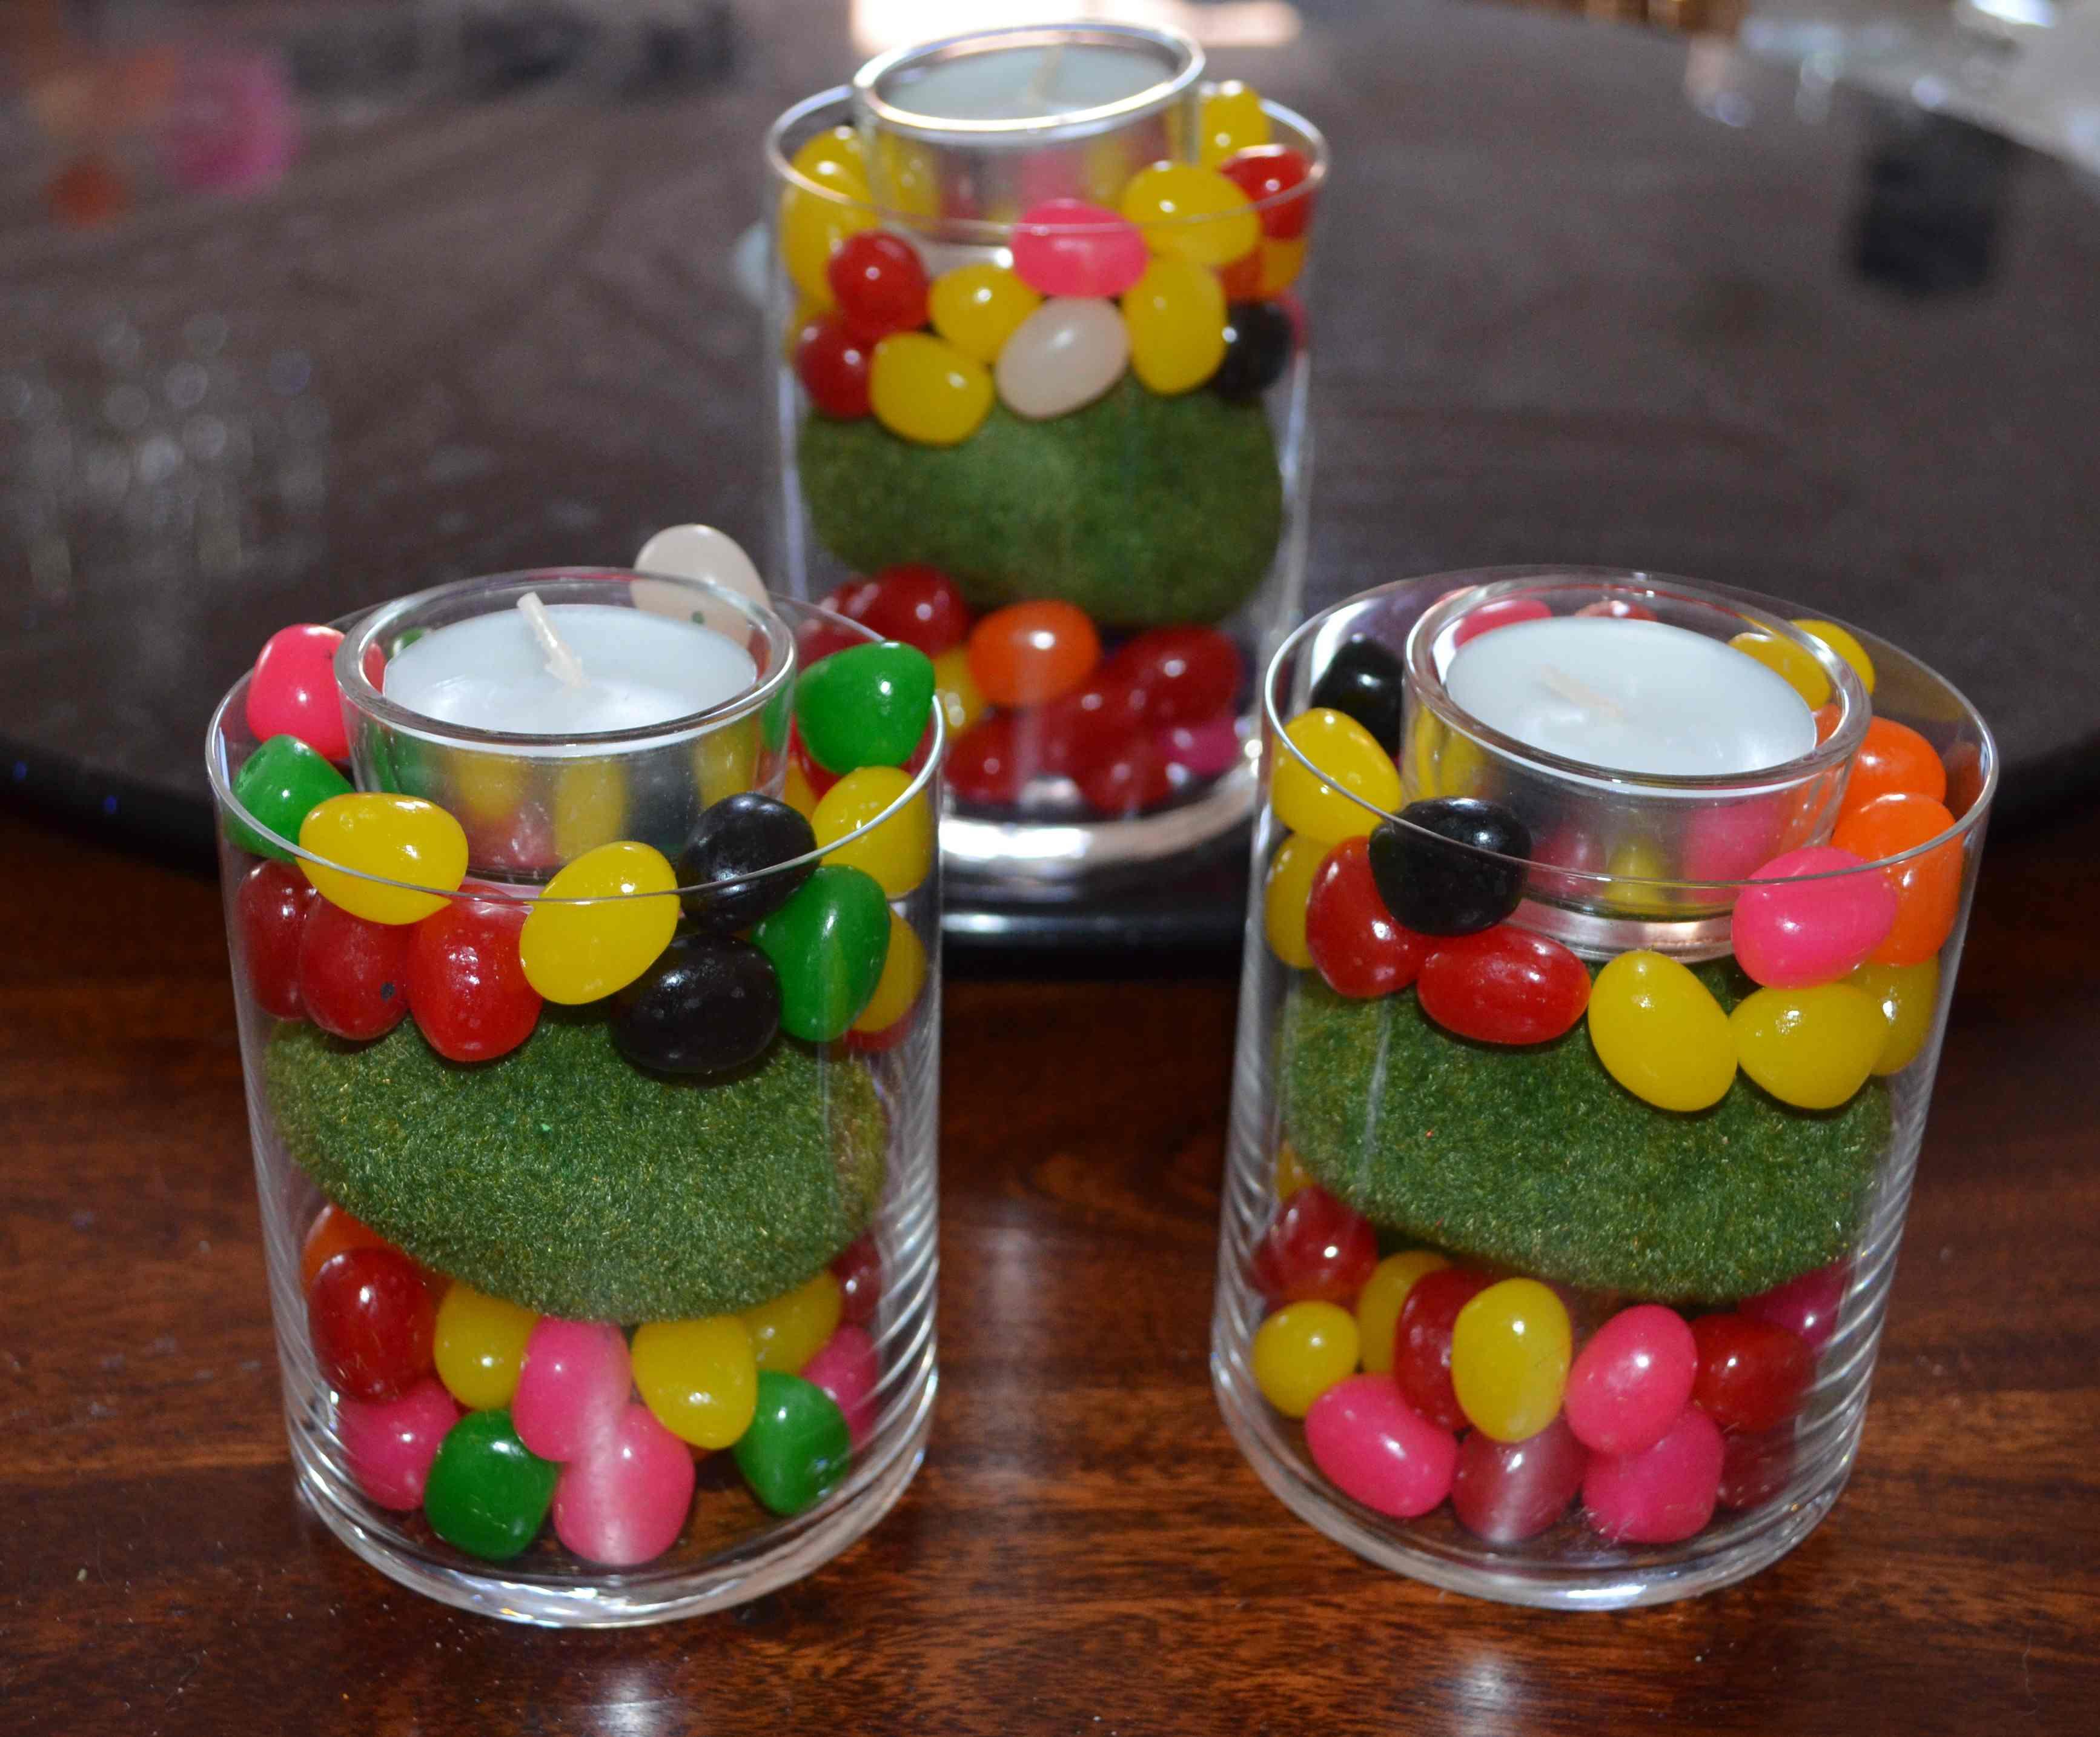 Décorations de Pâques avec de vrais bonbons 1